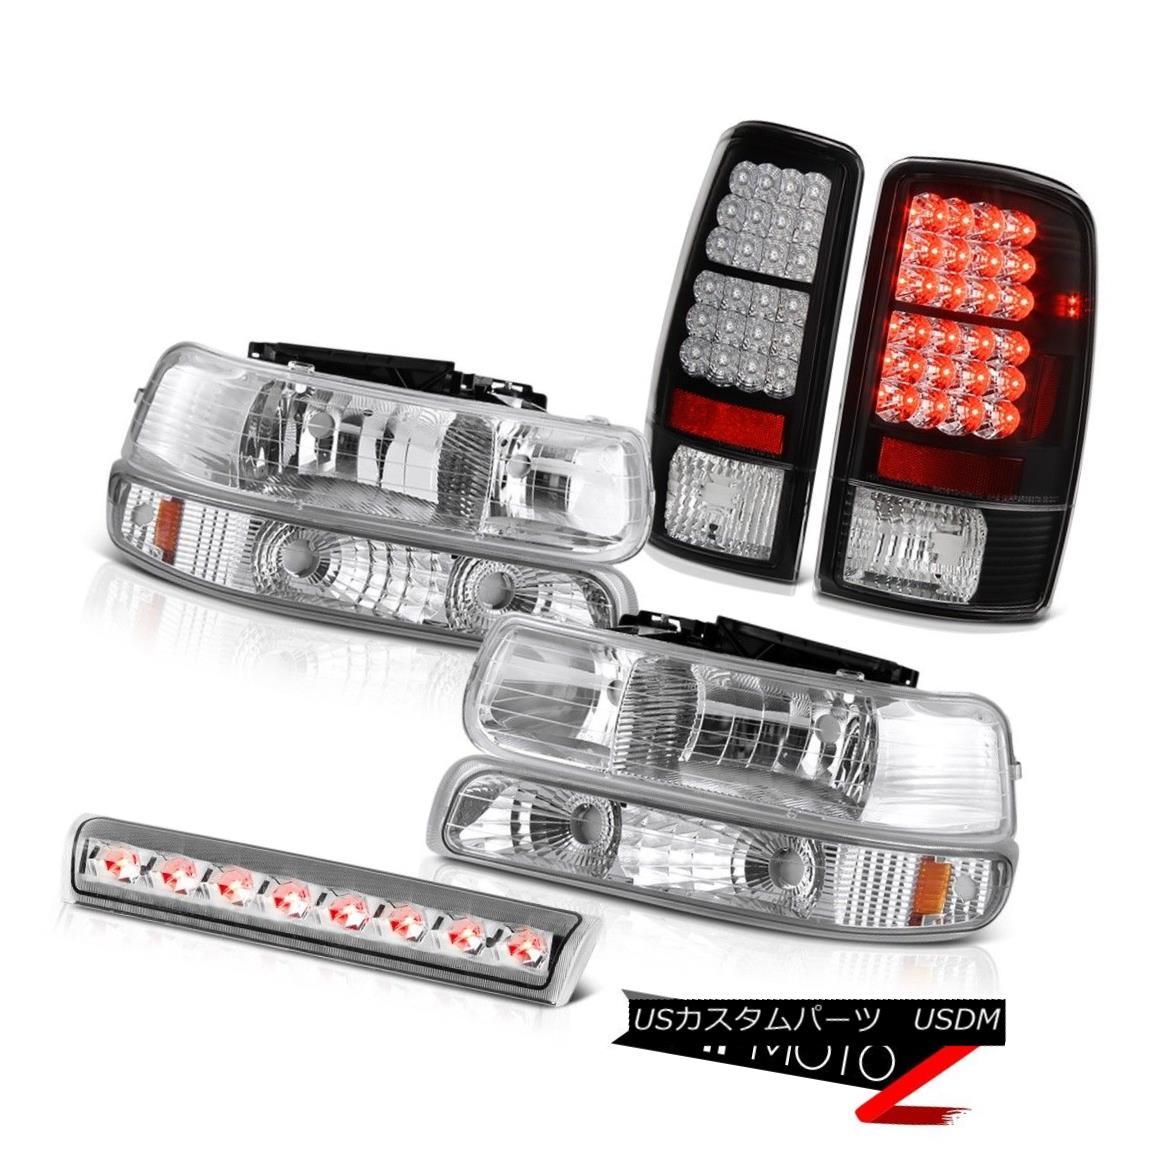 テールライト 00 01 02 03 04 05 06 Tahoe Bumper Headlamps LED Bulbs Tail Light 3rd Brake Cargo 00 01 02 03 04 05 06タホバンパーヘッドランプLED電球テールライト第3ブレーキカーゴ